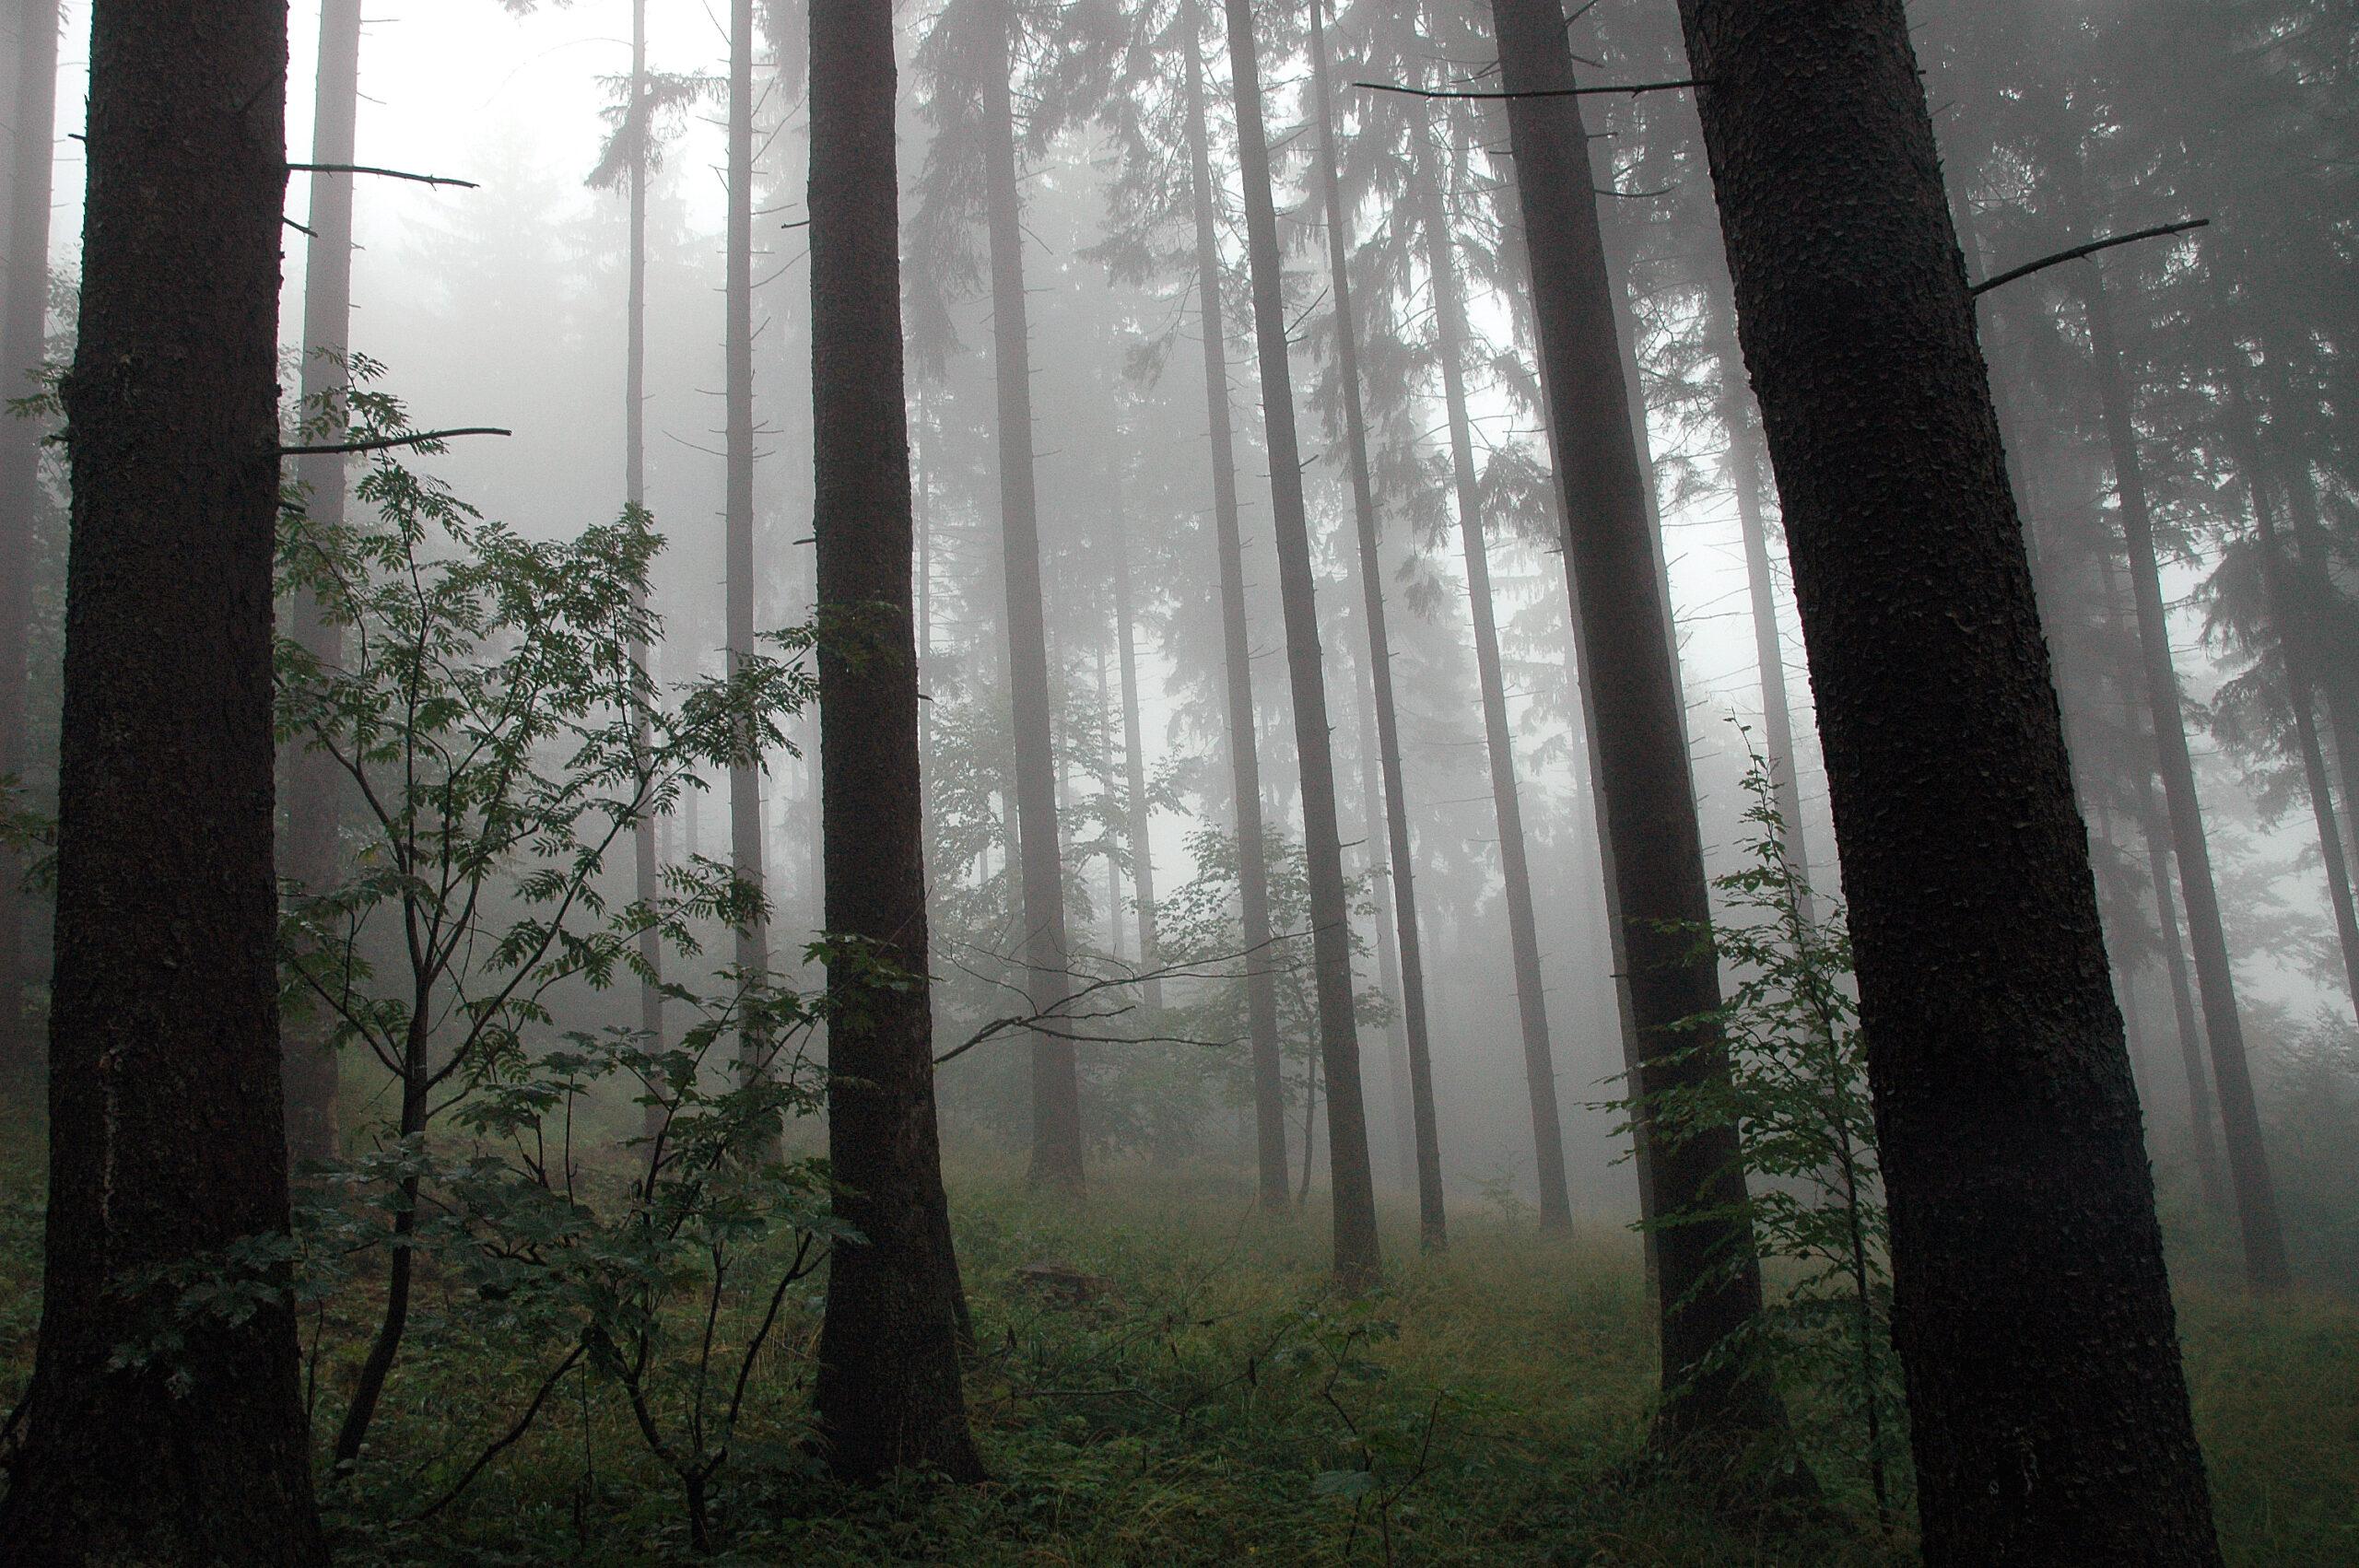 """Wyróżnienie, kategoria wiekowa 16-20 lat, podkategoria przyrodnicze zdjęcie krajobrazowe - Kacper Krzemiński """"Tajemnice lasu"""""""